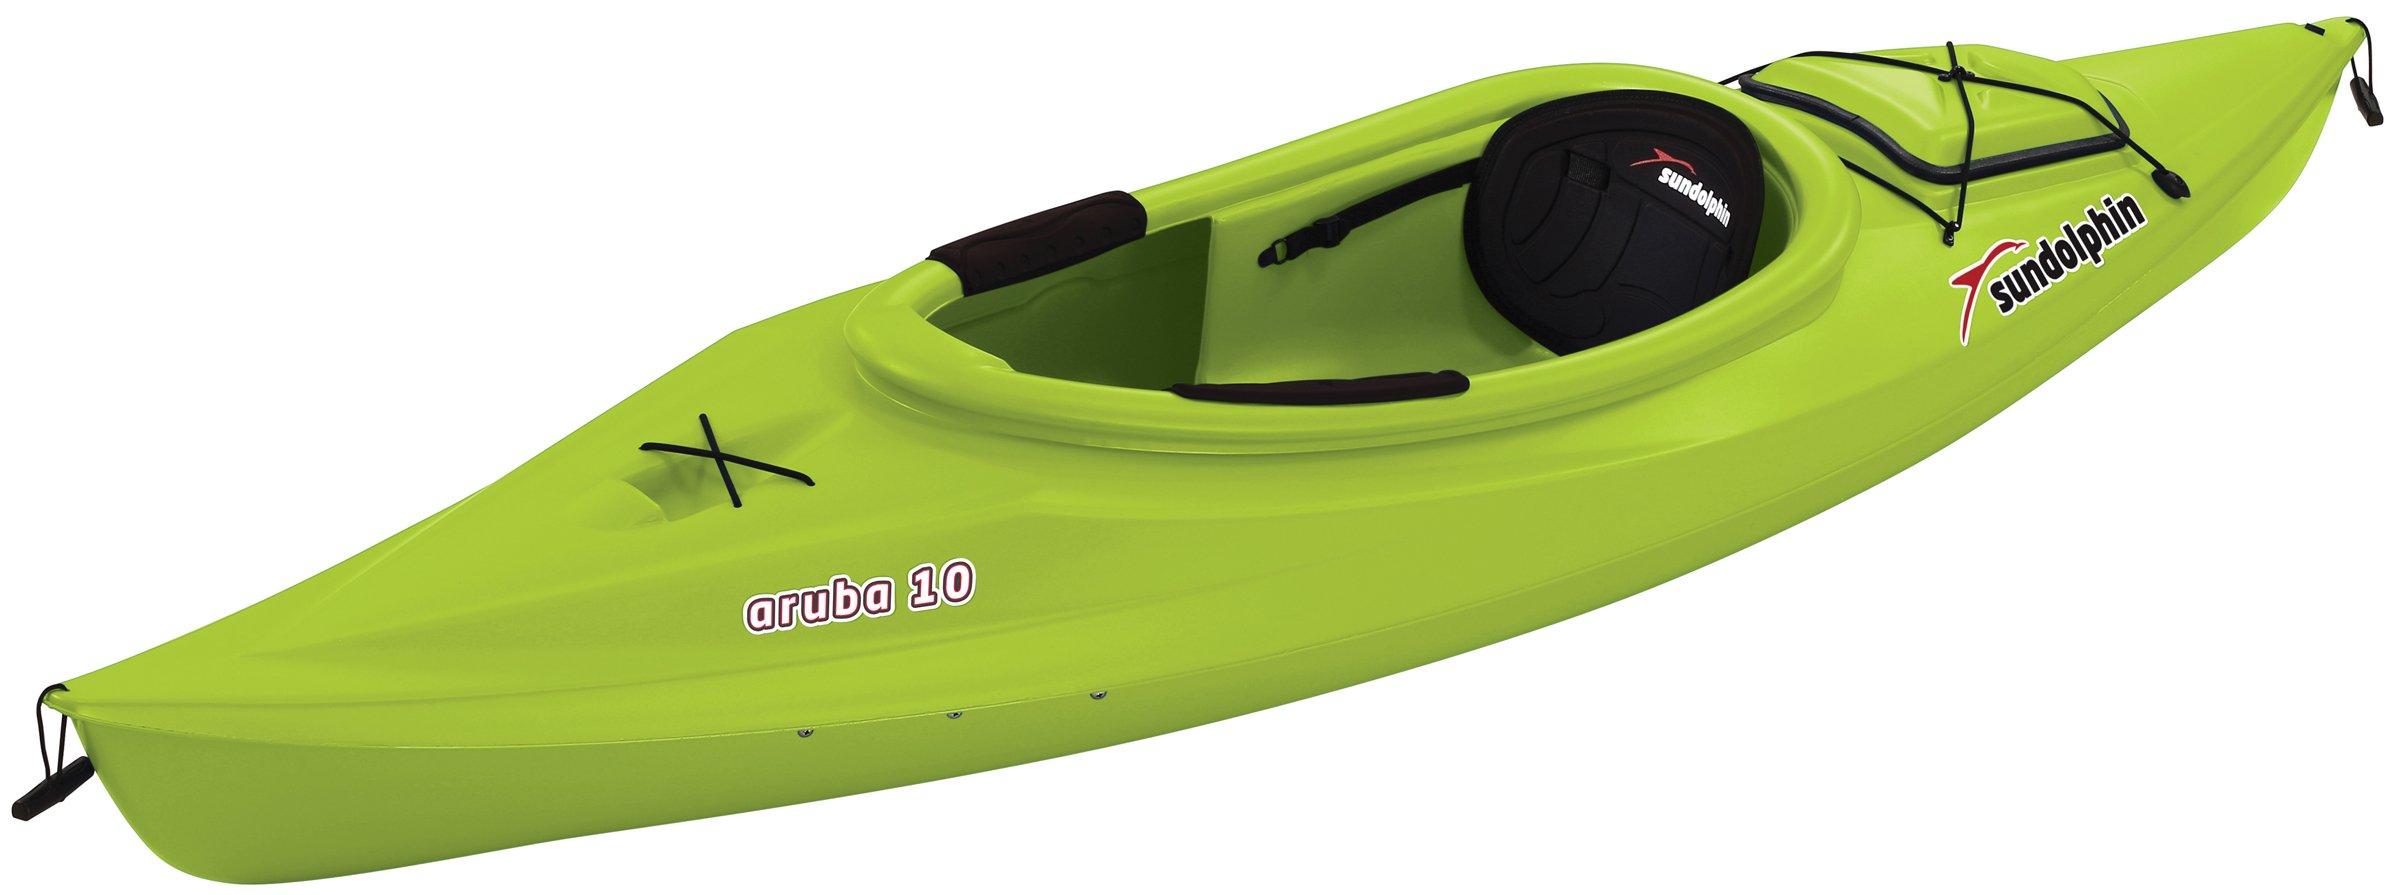 SUNDOLPHIN Aruba Sit-in Kayak (Citrus, 10-Feet) by SUNDOLPHIN